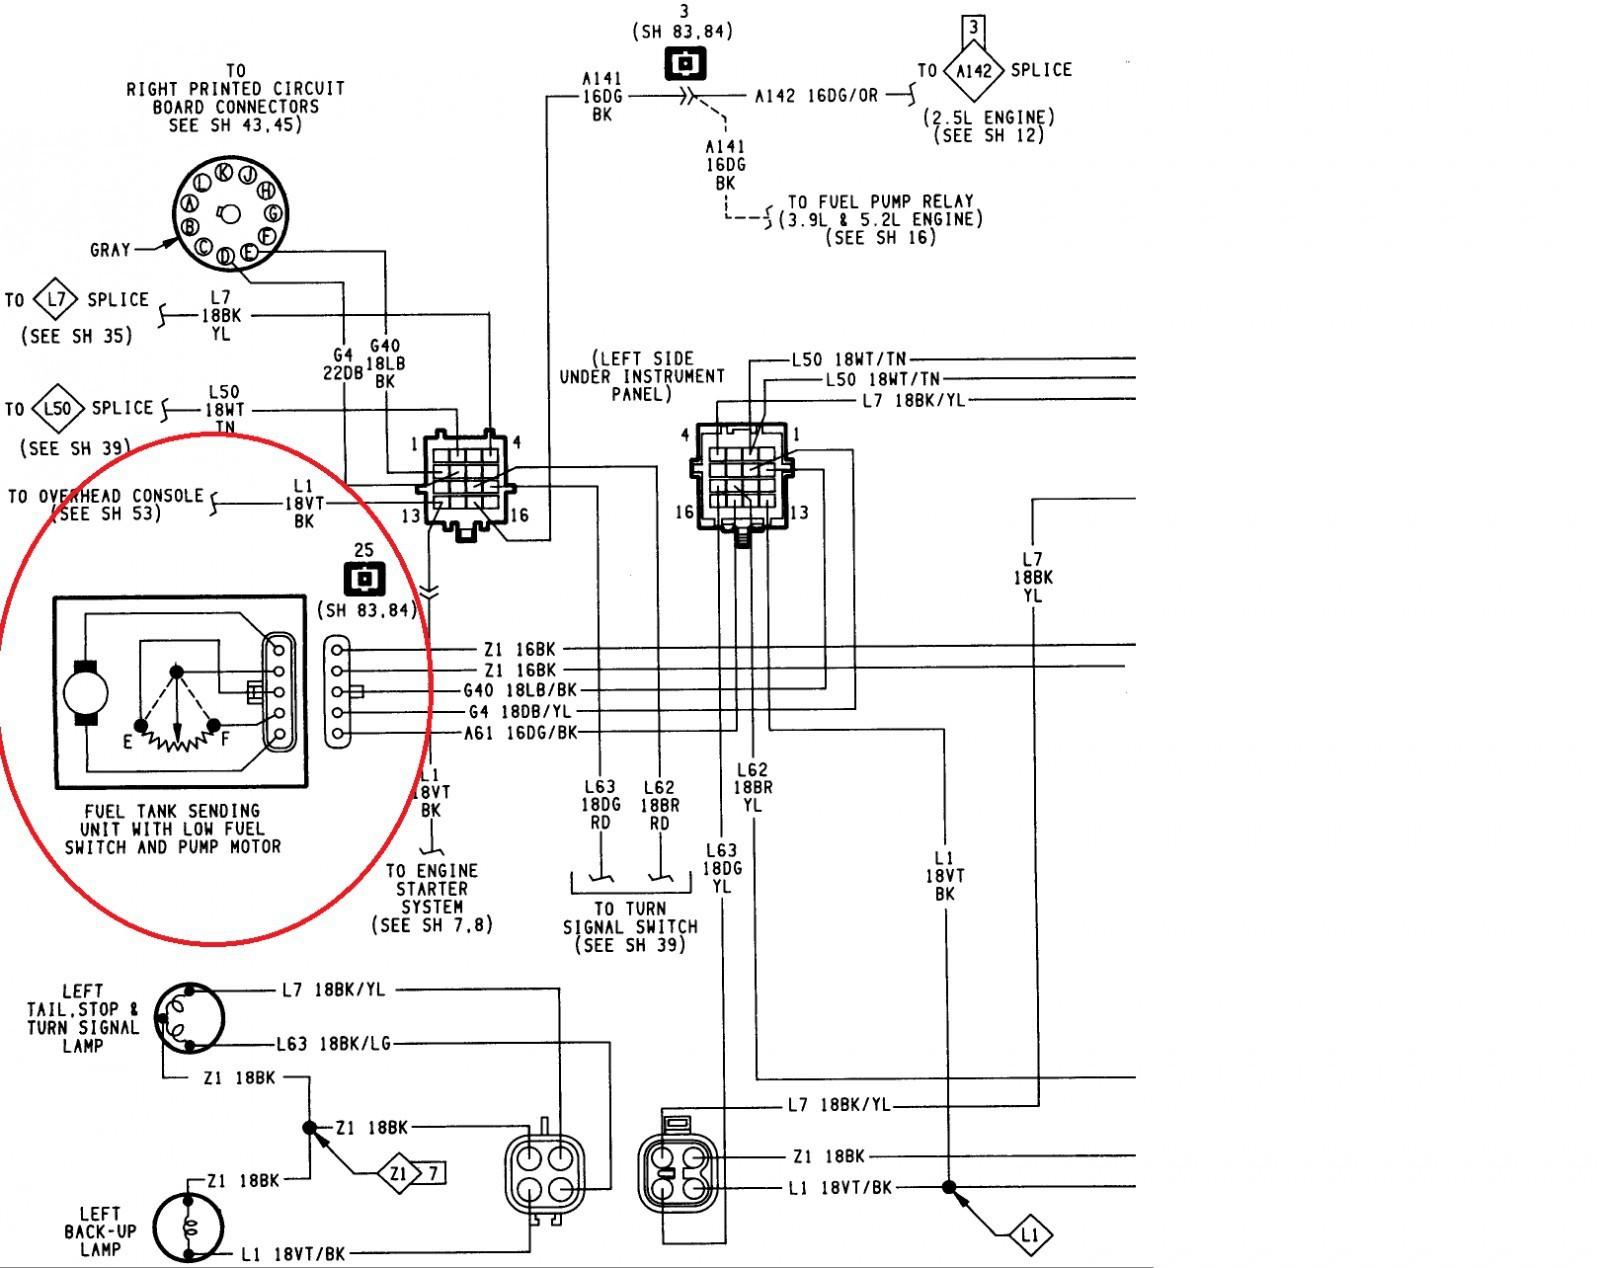 WRG-9914] Dolphin Tach Wiring Diagram on